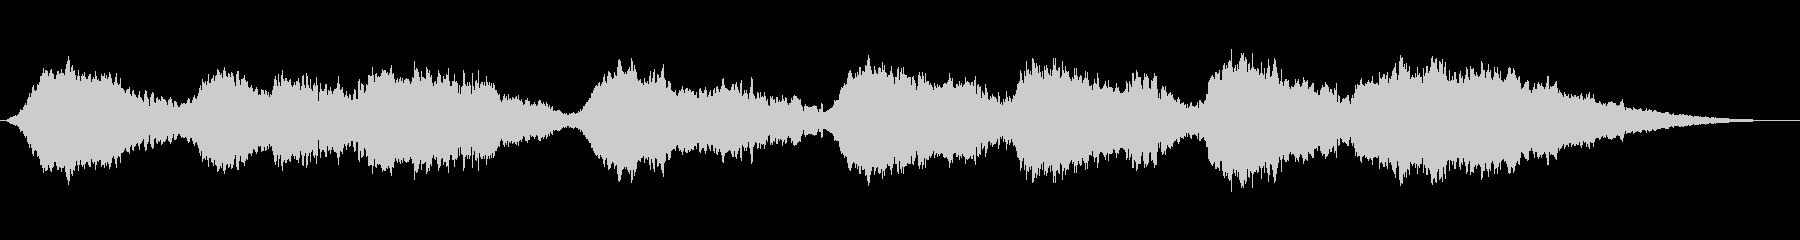 ヒーリングミュージックです。の未再生の波形